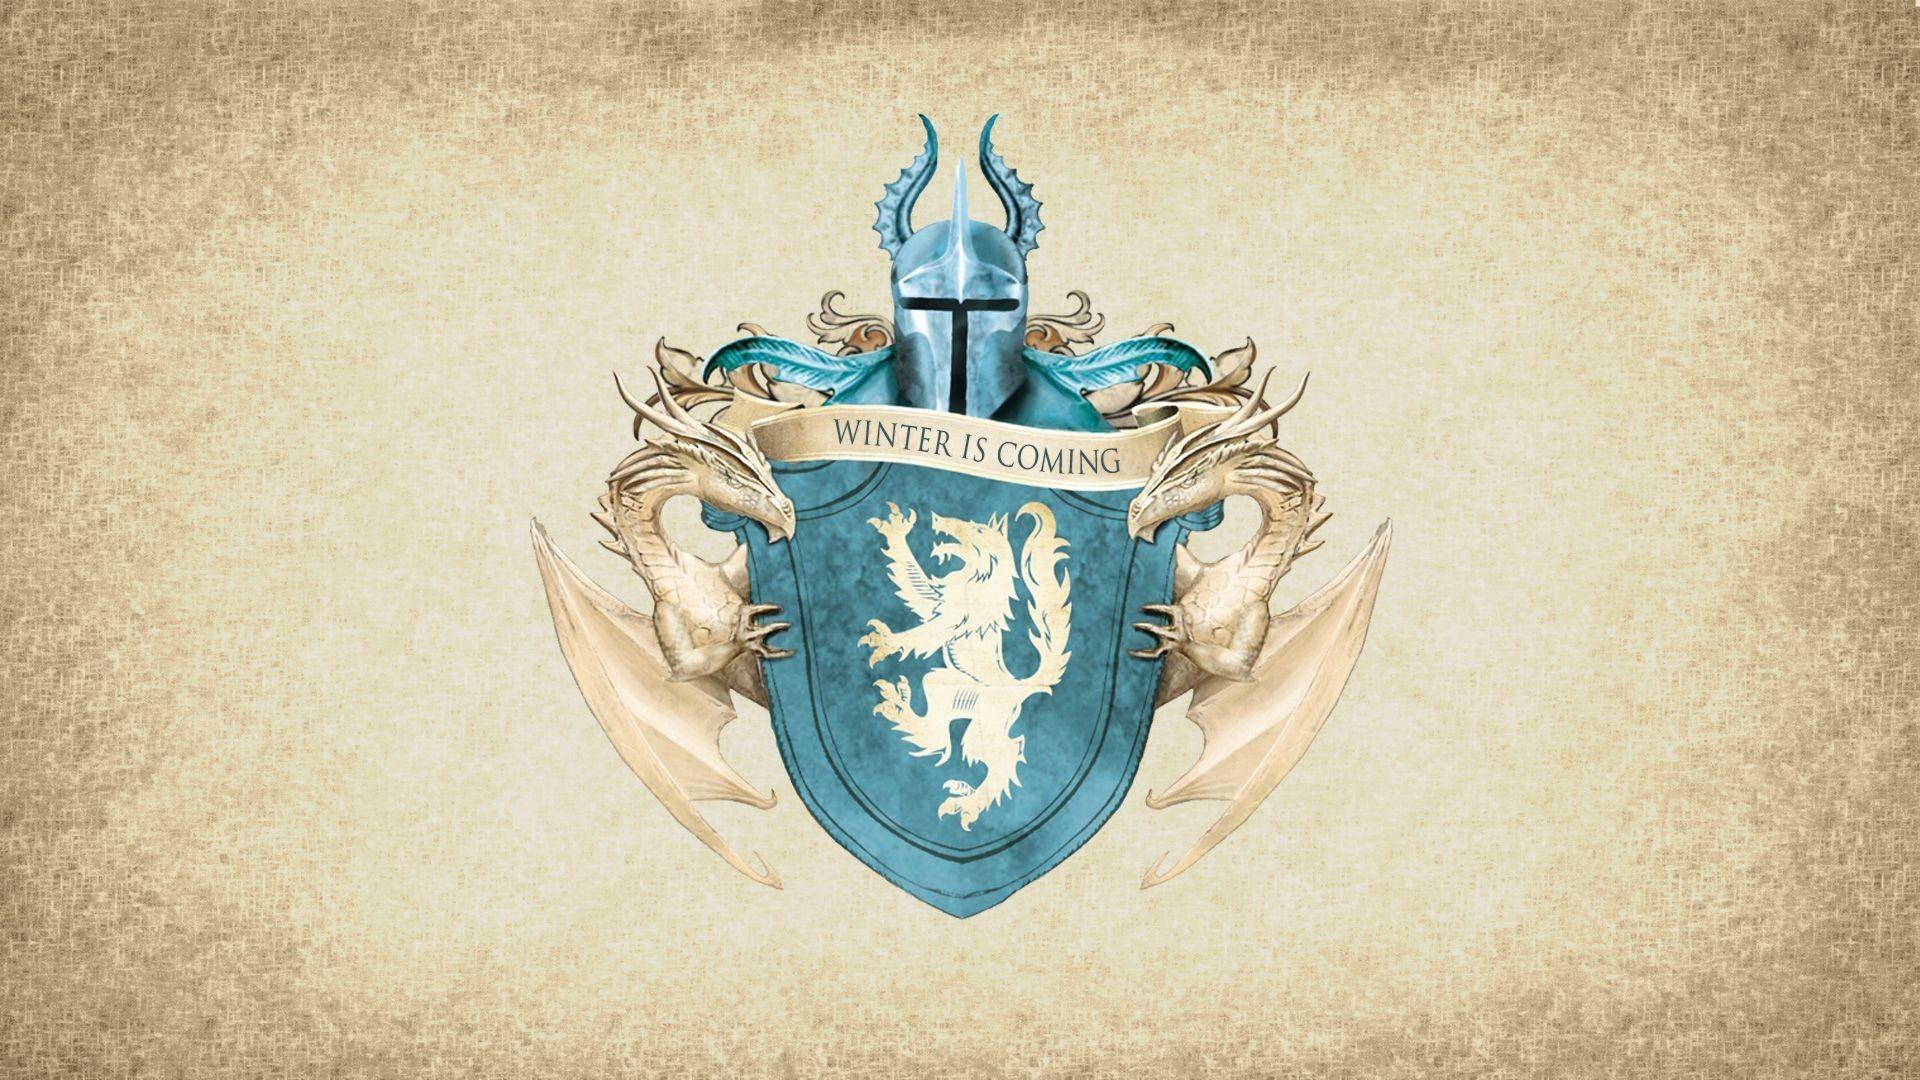 Stark Coat Of Arms Game Of Thrones 1920x1080 Download Hd Wallpaper Wallpapertip